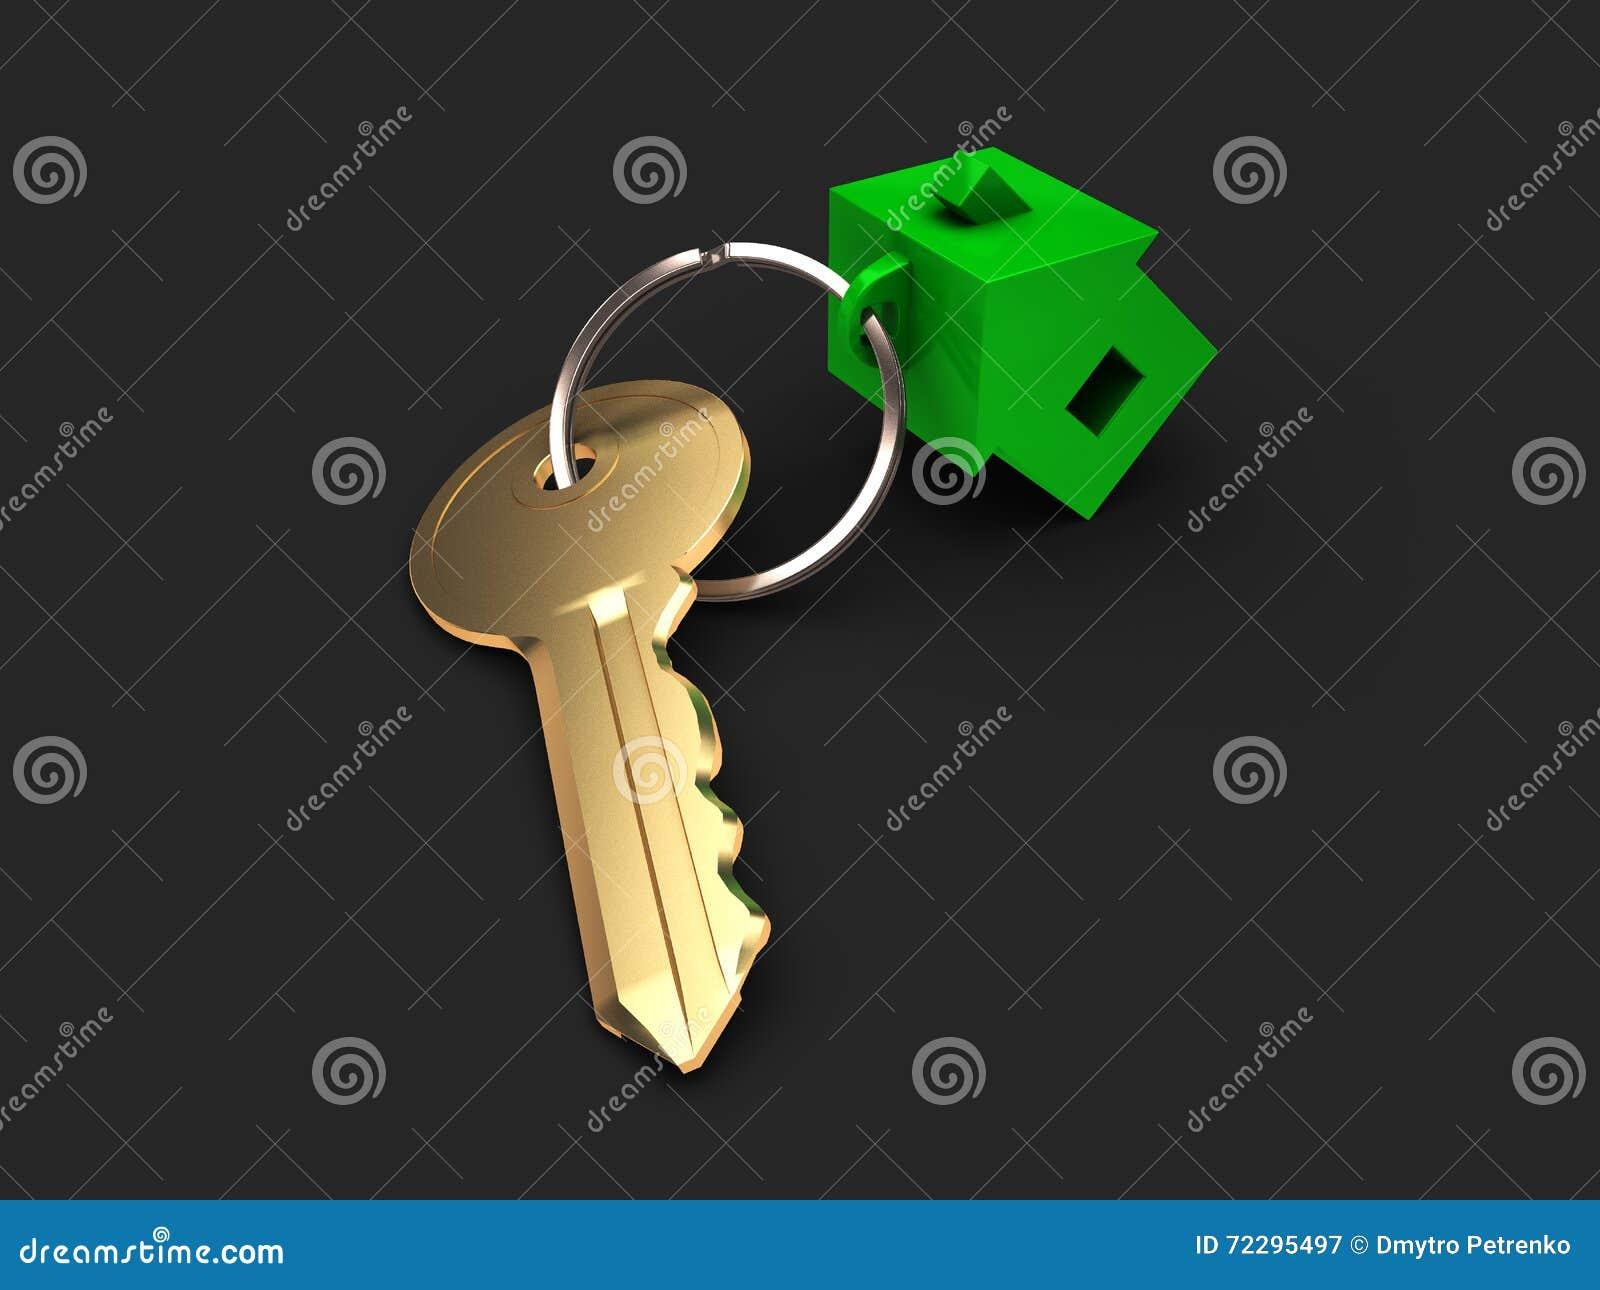 Download Ключ от квартиры иллюстрация штока. иллюстрации насчитывающей уговариваний - 72295497